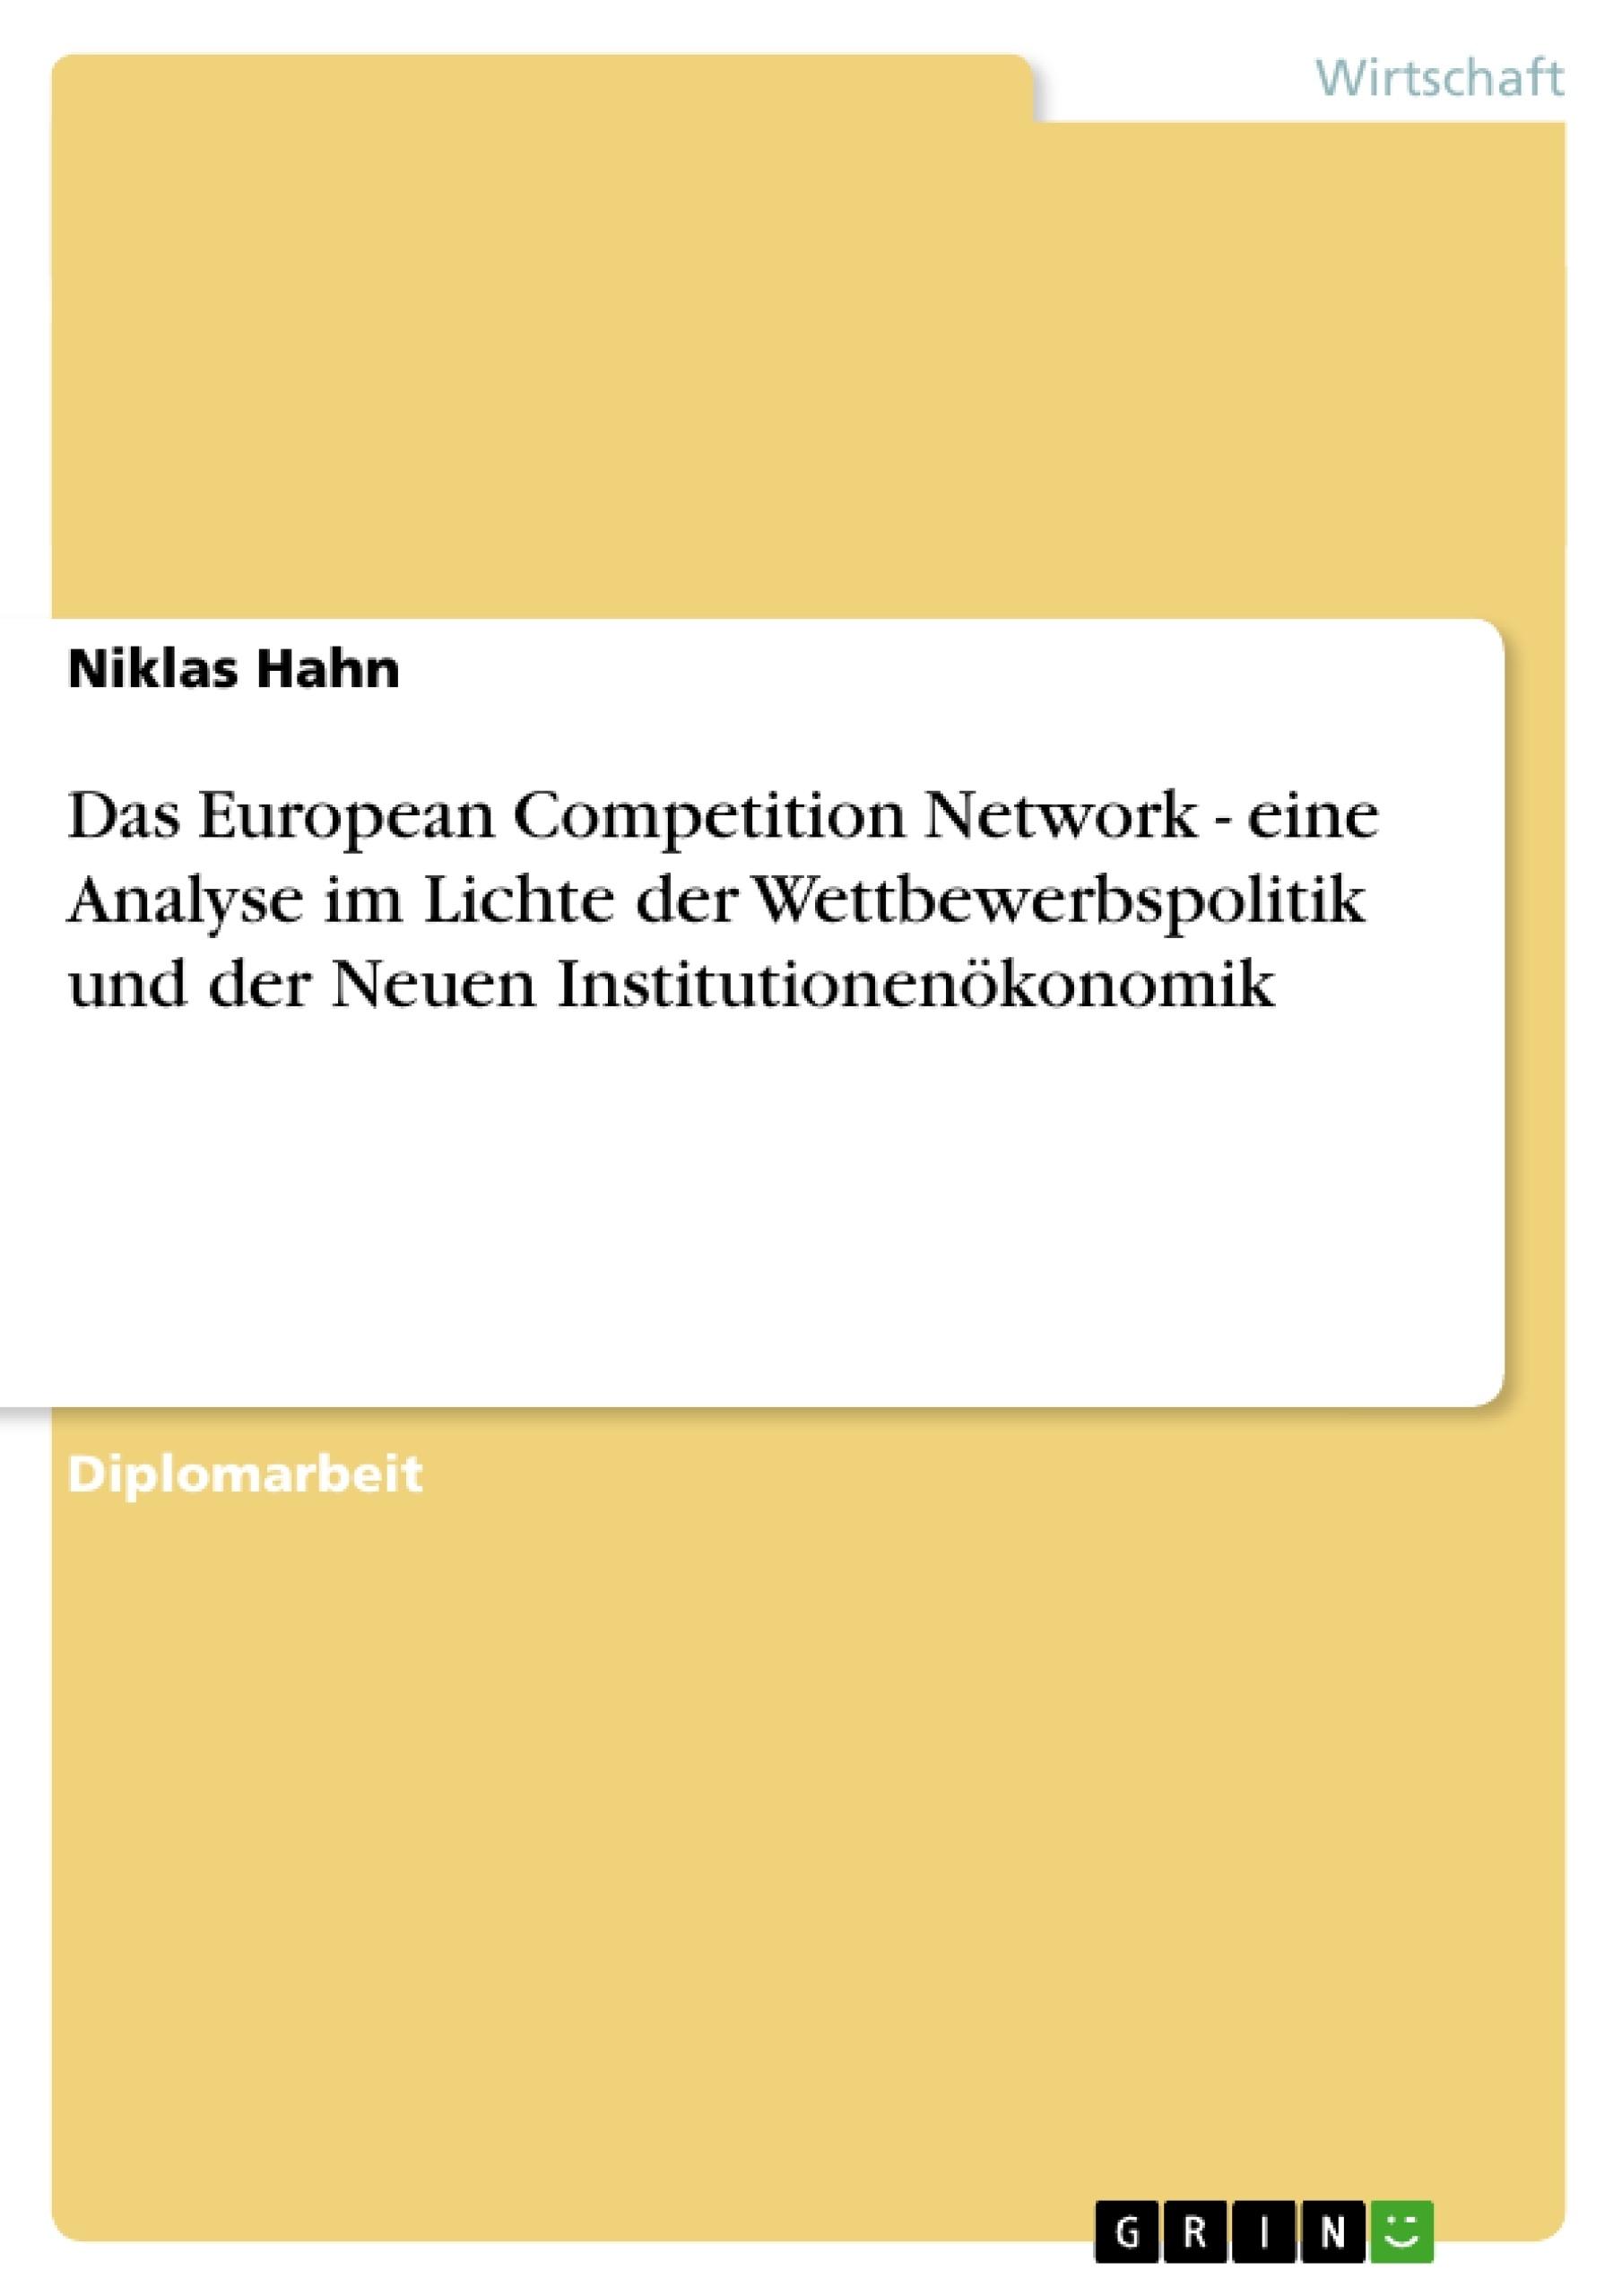 Titel: Das European Competition Network - eine Analyse im Lichte der Wettbewerbspolitik und der Neuen Institutionenökonomik